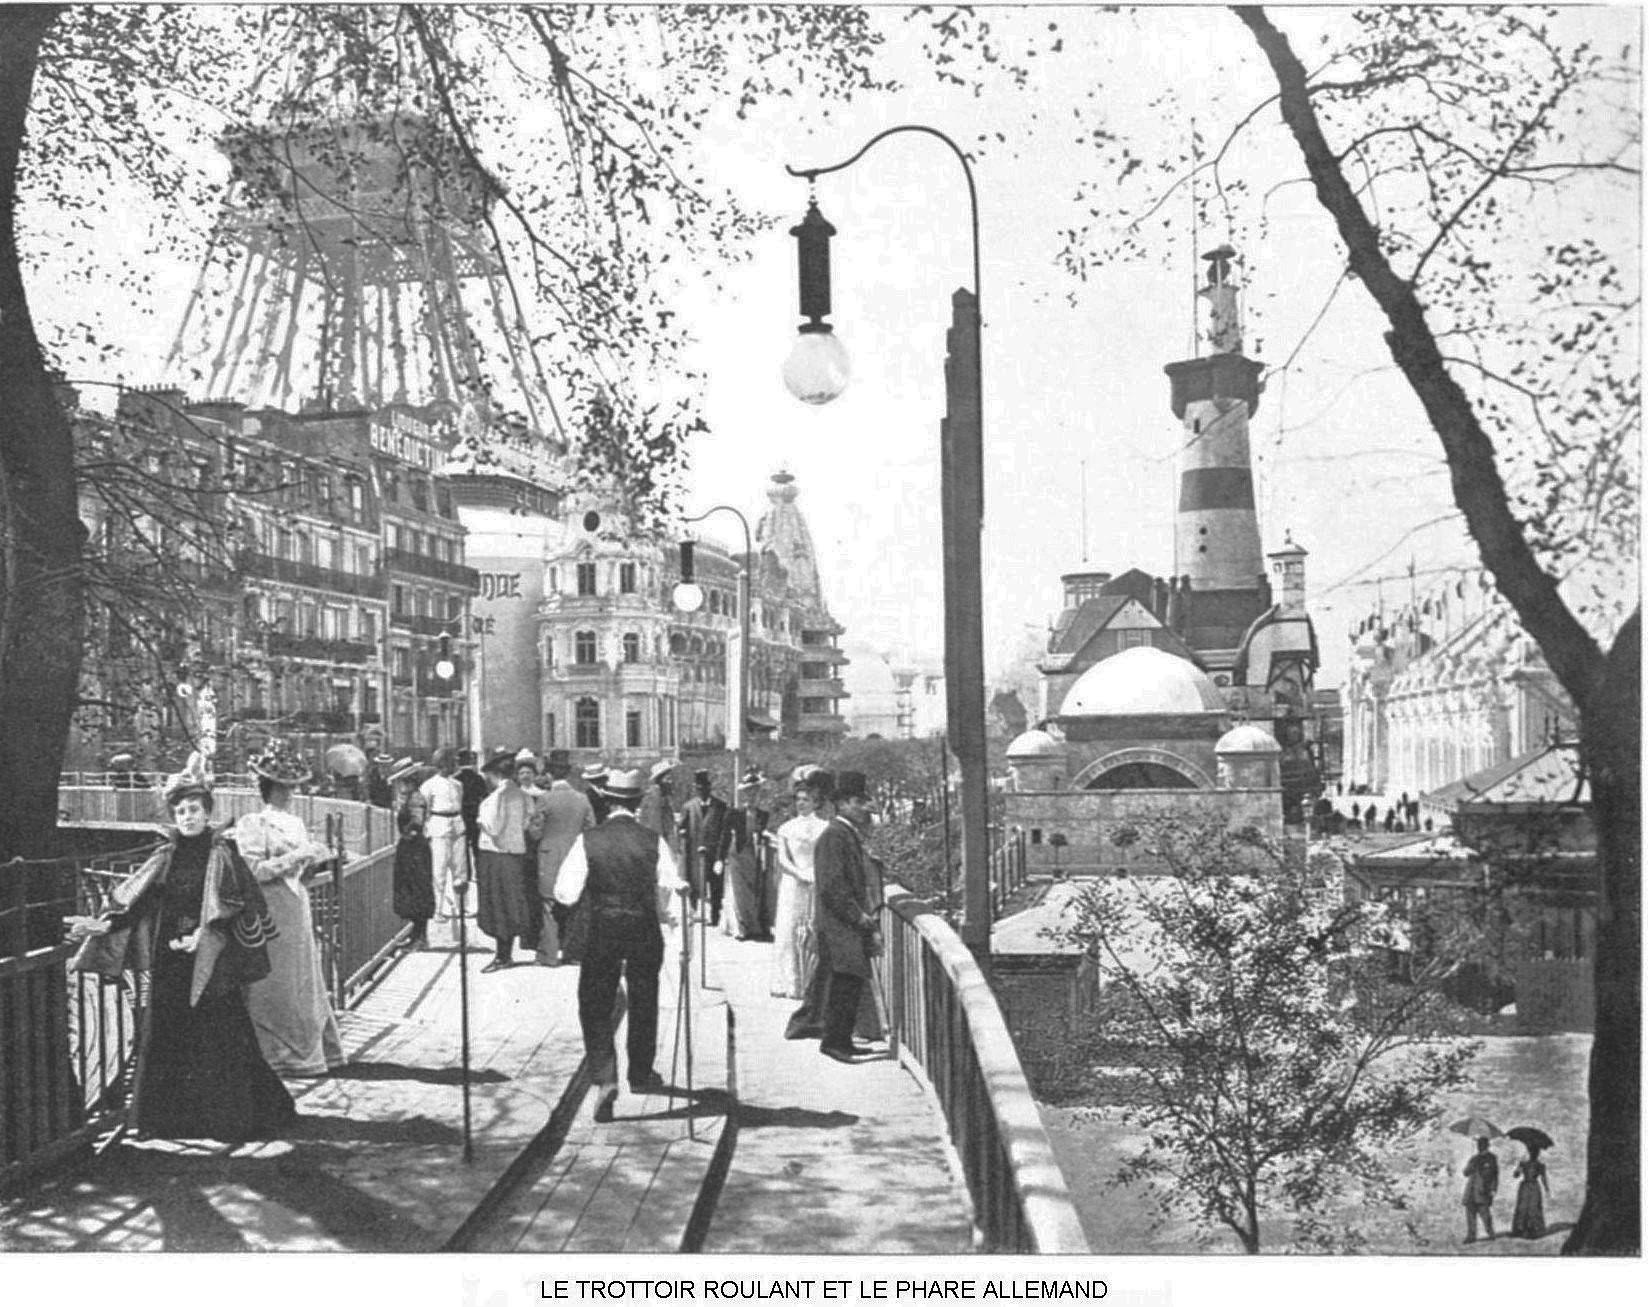 Le trottoir roulant et le phare allemand